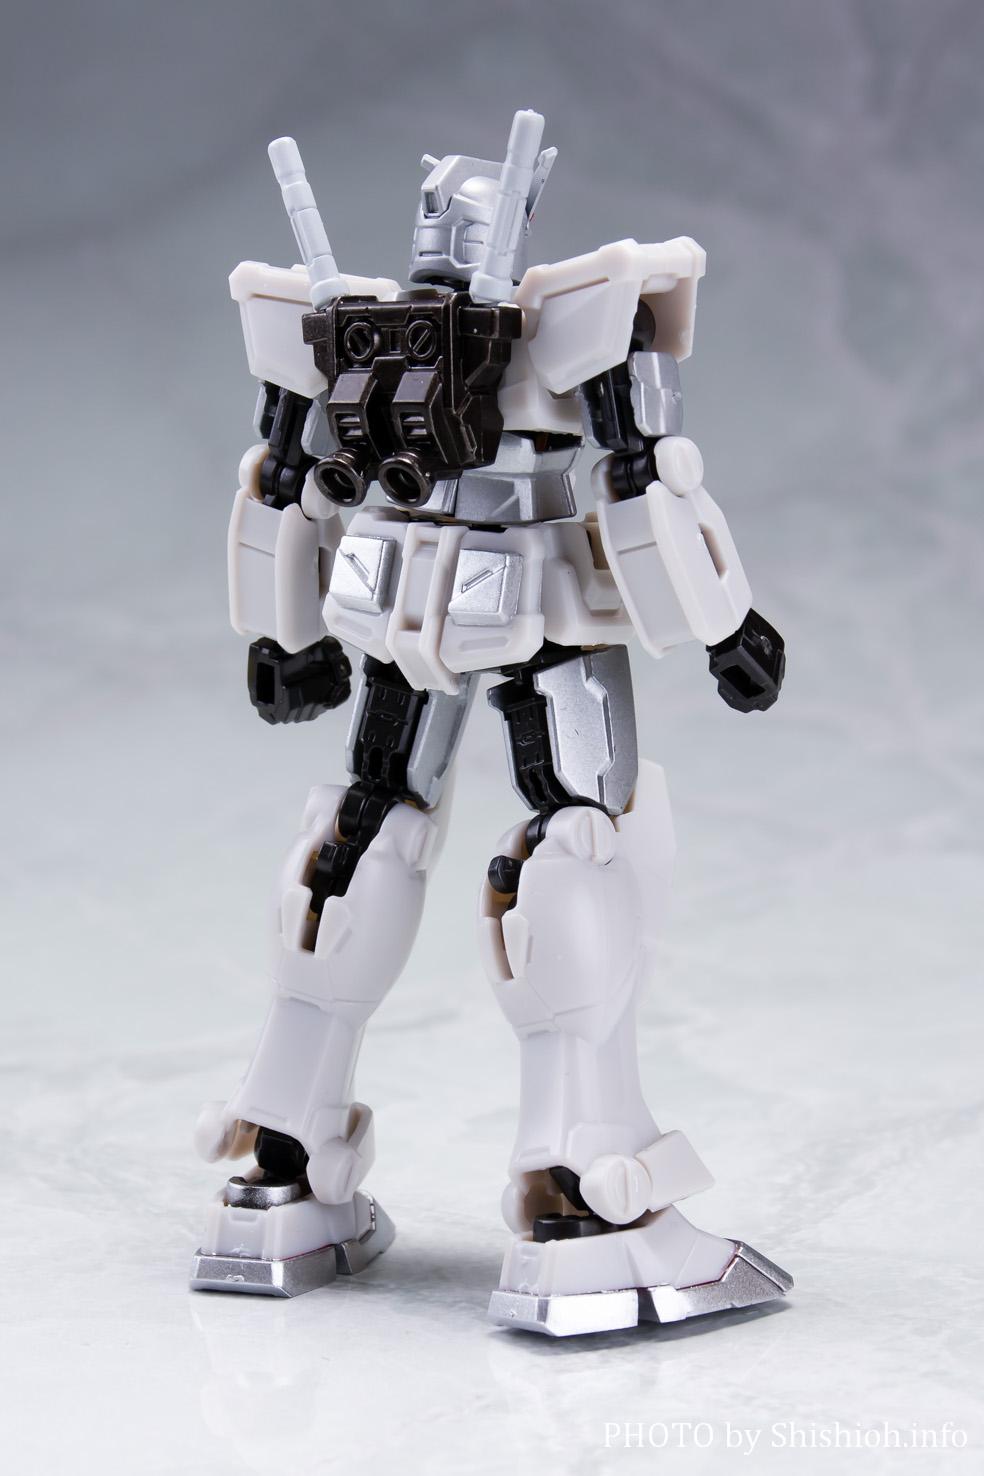 機動戦士ガンダム Gフレーム12 ガンダム(ロールアウトカラー)